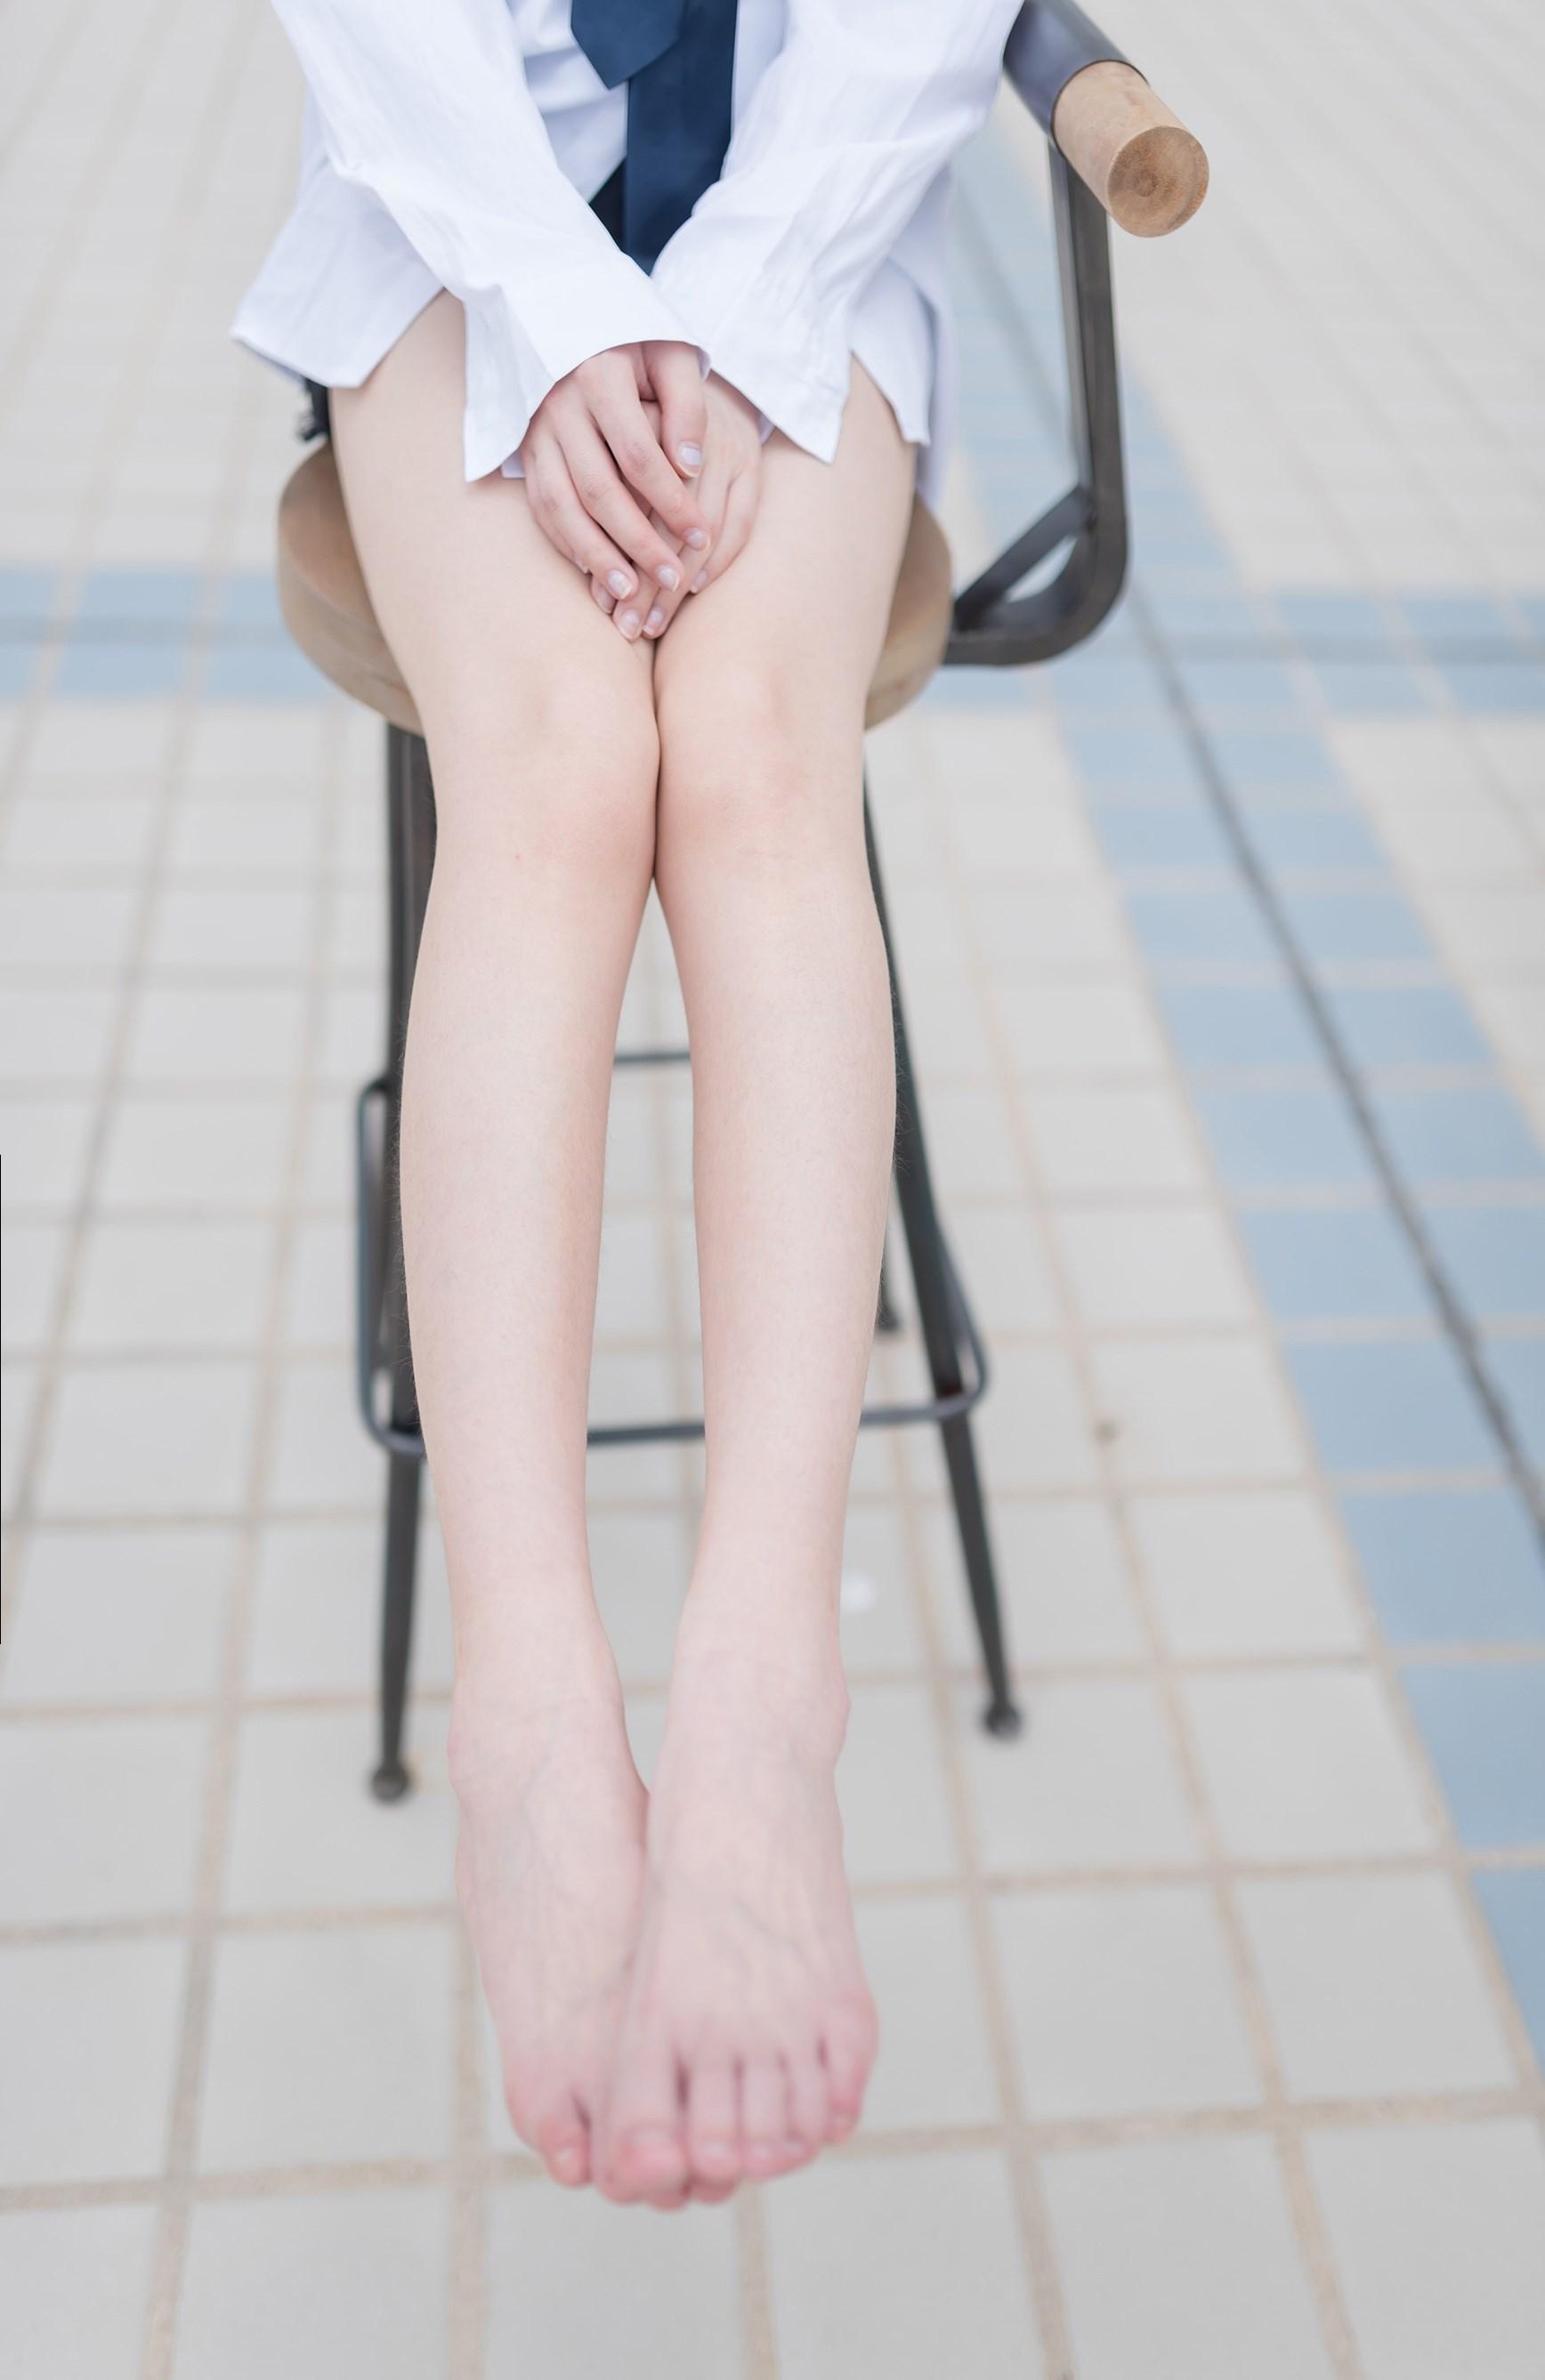 【兔玩映画】裸脚白衬衫 · 足控福利 兔玩映画 第12张